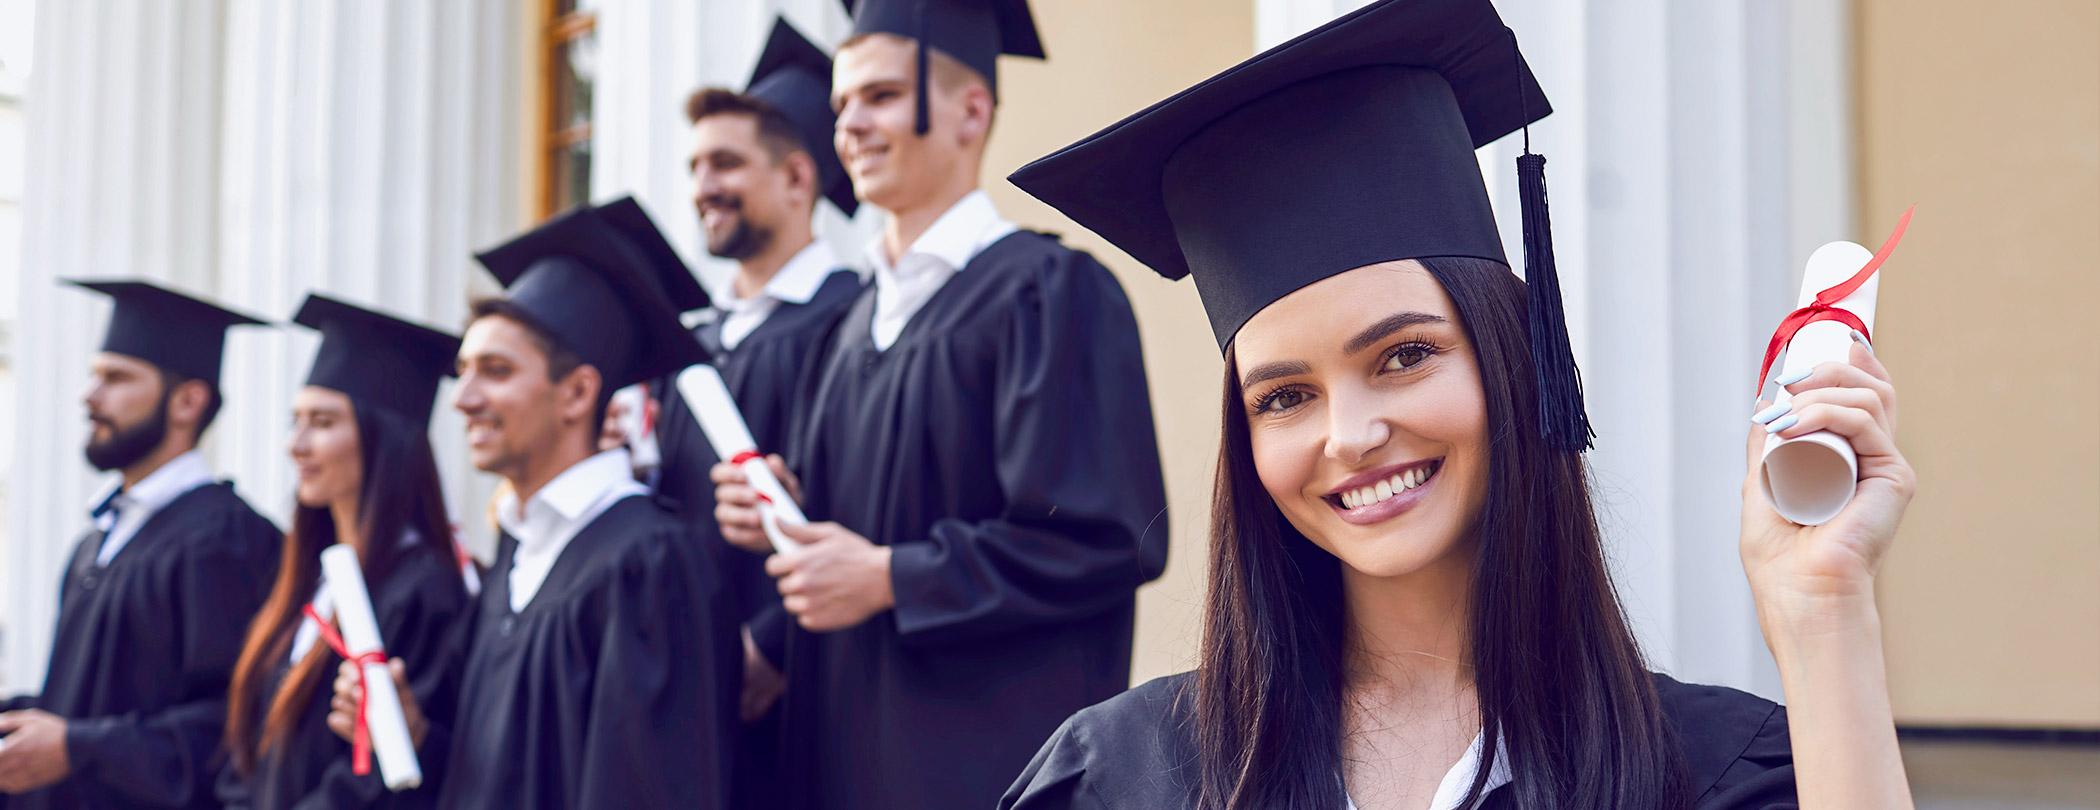 Üniversite sınavında hangi üniversiteyi tercih etmeliyim? Nasıl uzaktan eğitim alabilirim? Peki yabancı dil? Eğitim bitti; şimdi nasıl iş bulacağım? Kariyer basamaklarını nasıl tırmanmalıyım? Eğitim ve kariyer hakkında her şey burada!